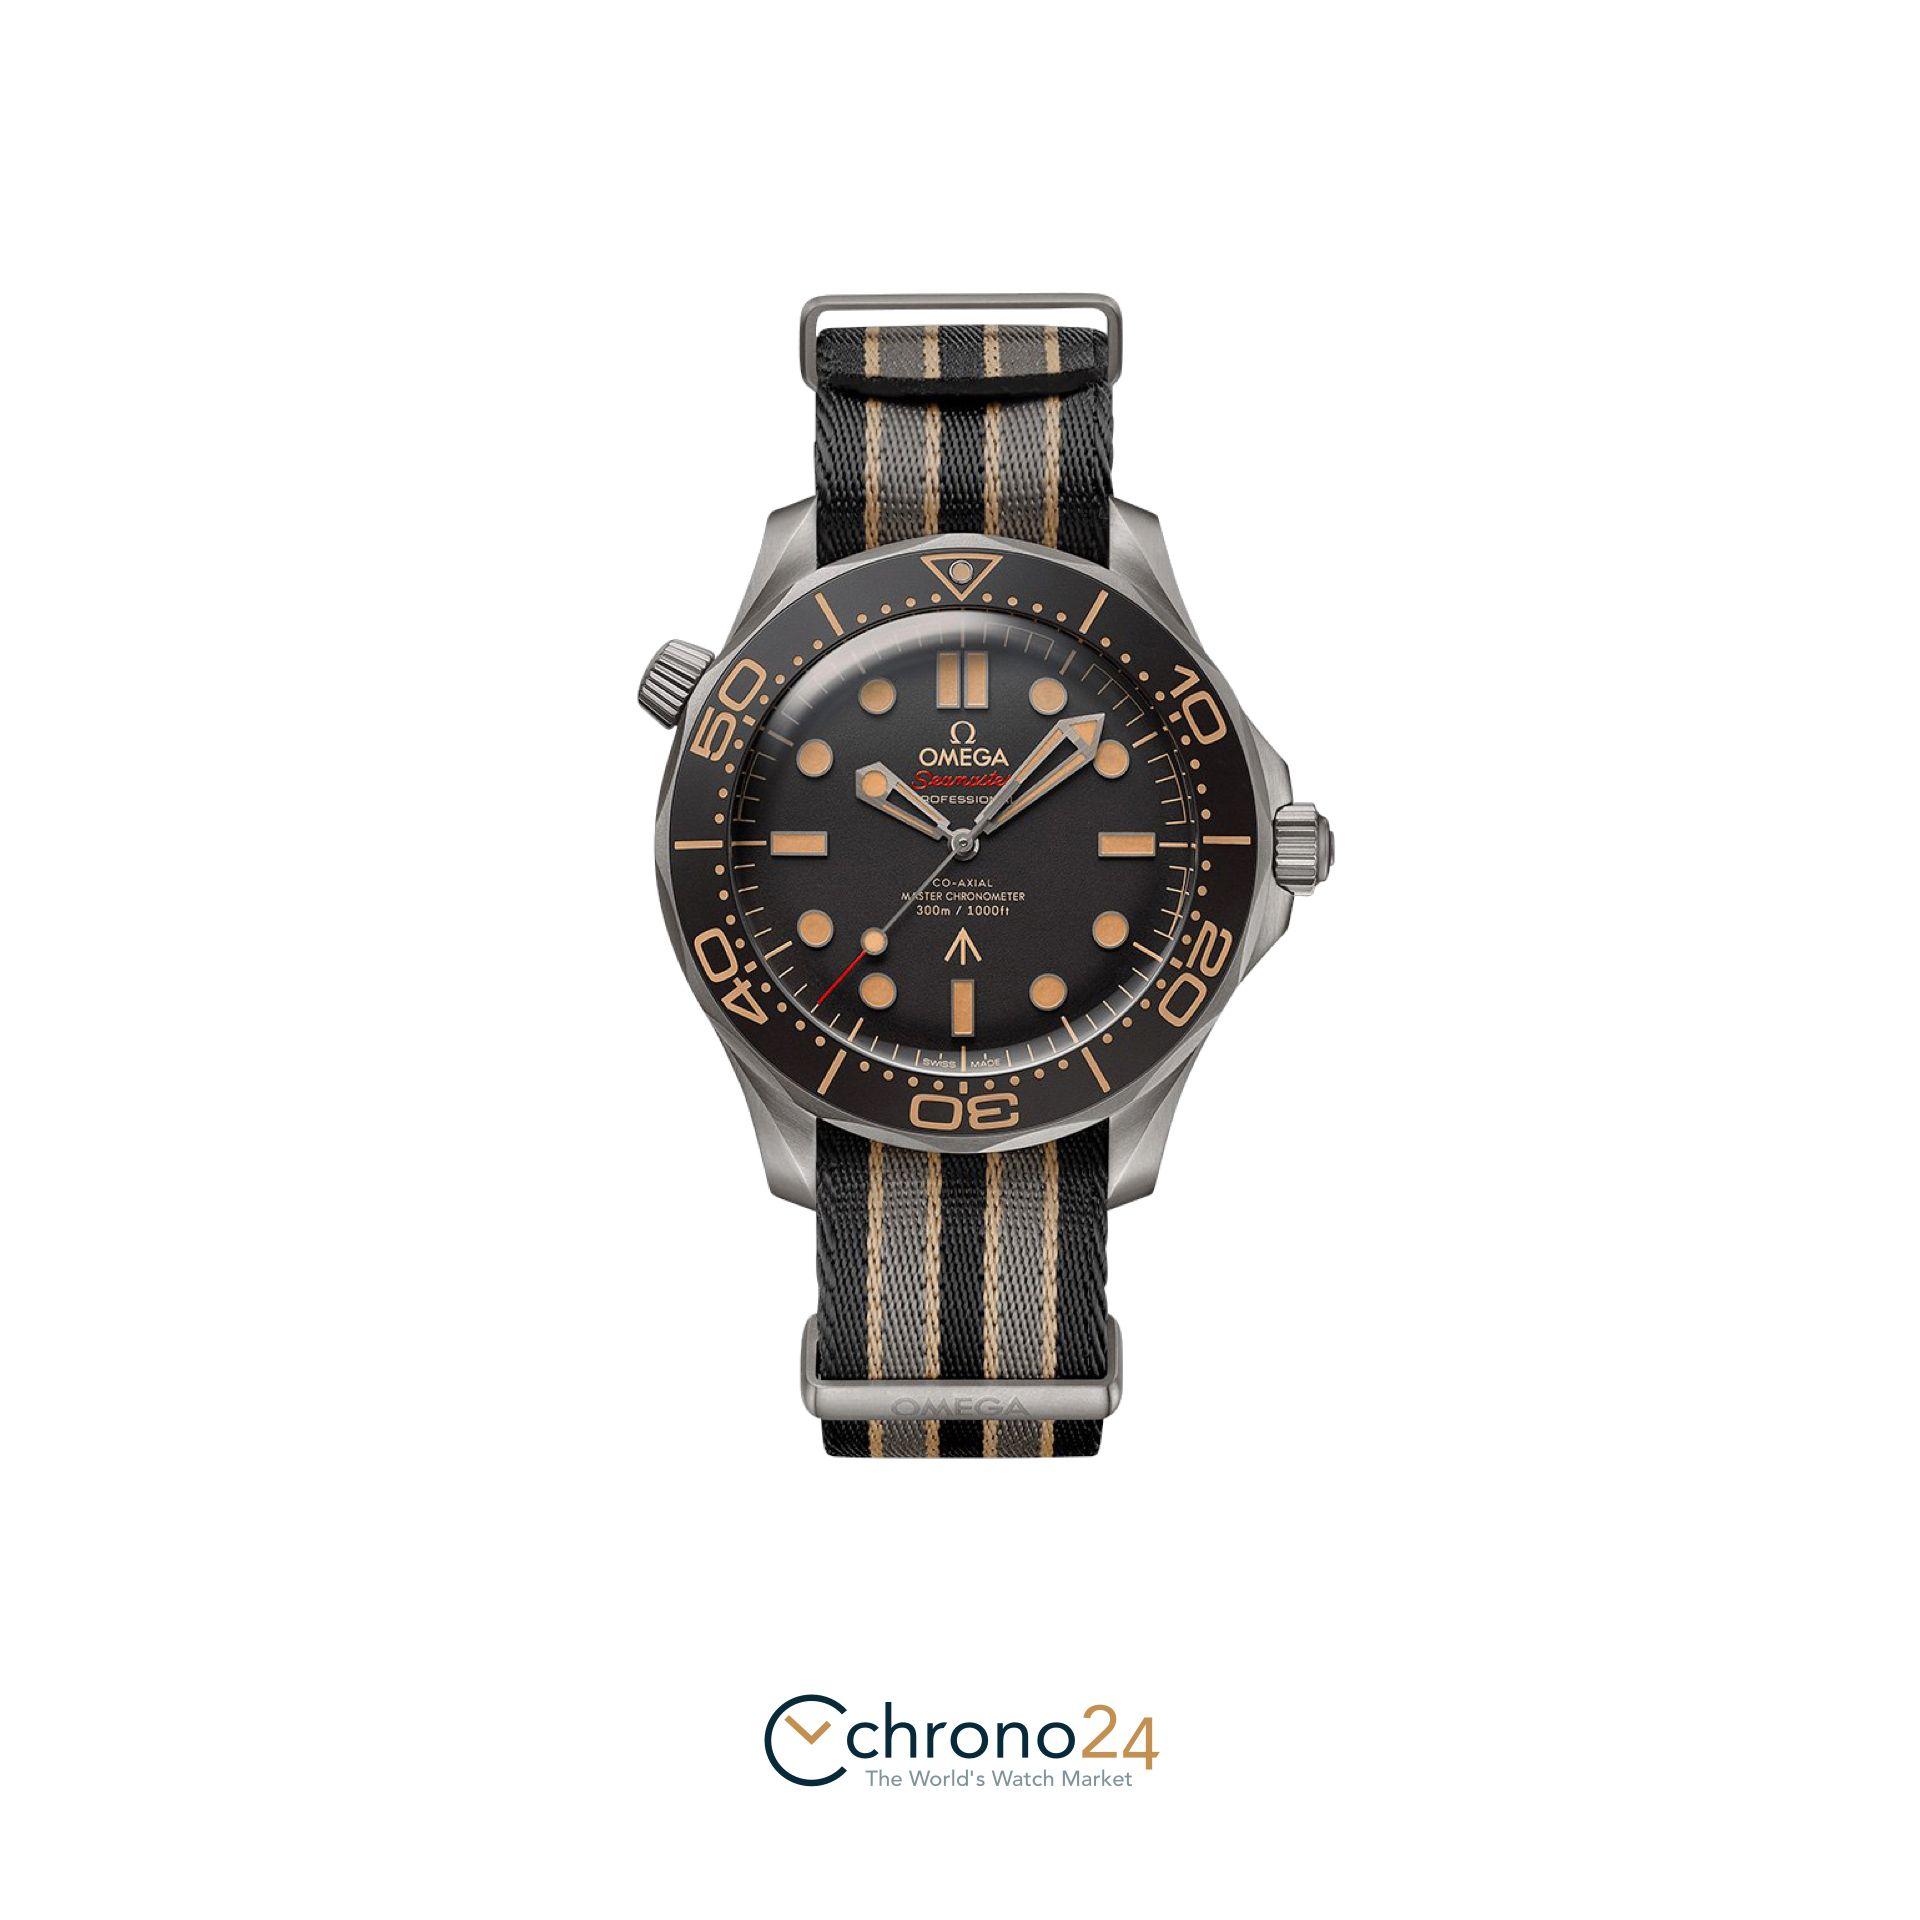 Omega-Seamaster-300M © Chrono24